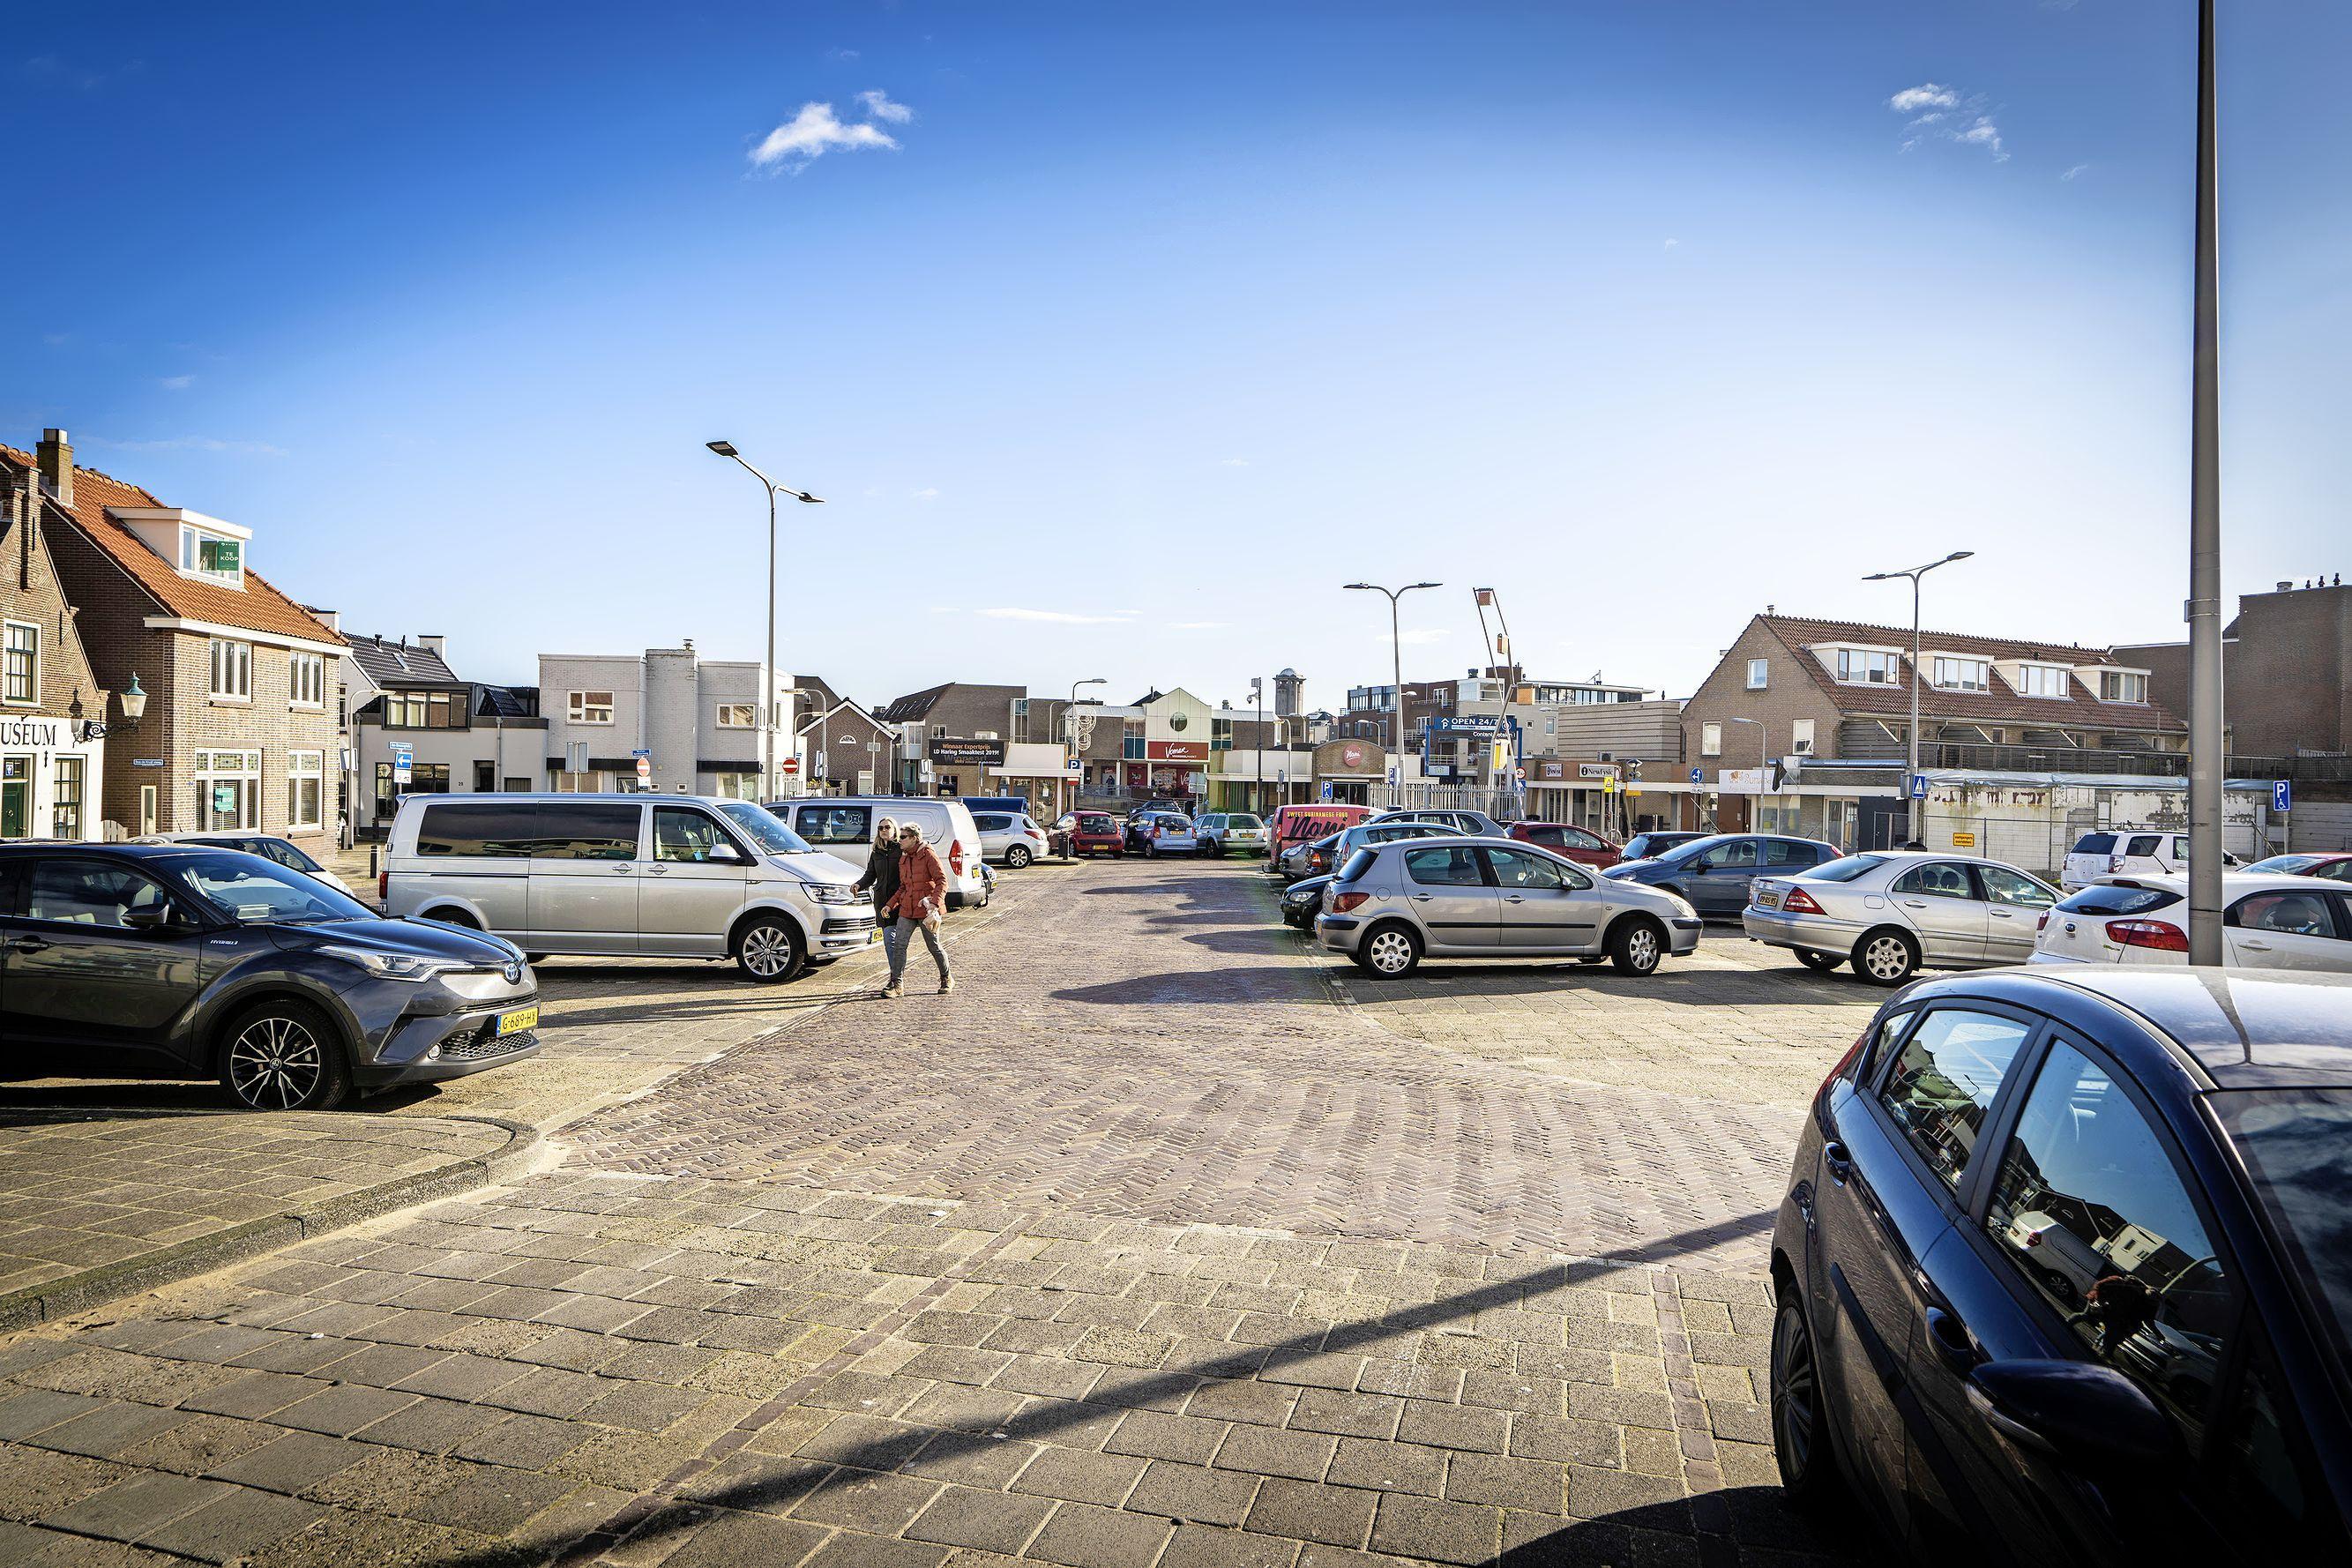 Twijfels over bouwplannen Noordwijks Jan Kroonsplein:'Straks hebben we het Gat van het Jan Kroonsplein in plaats van het Gat van Palace'